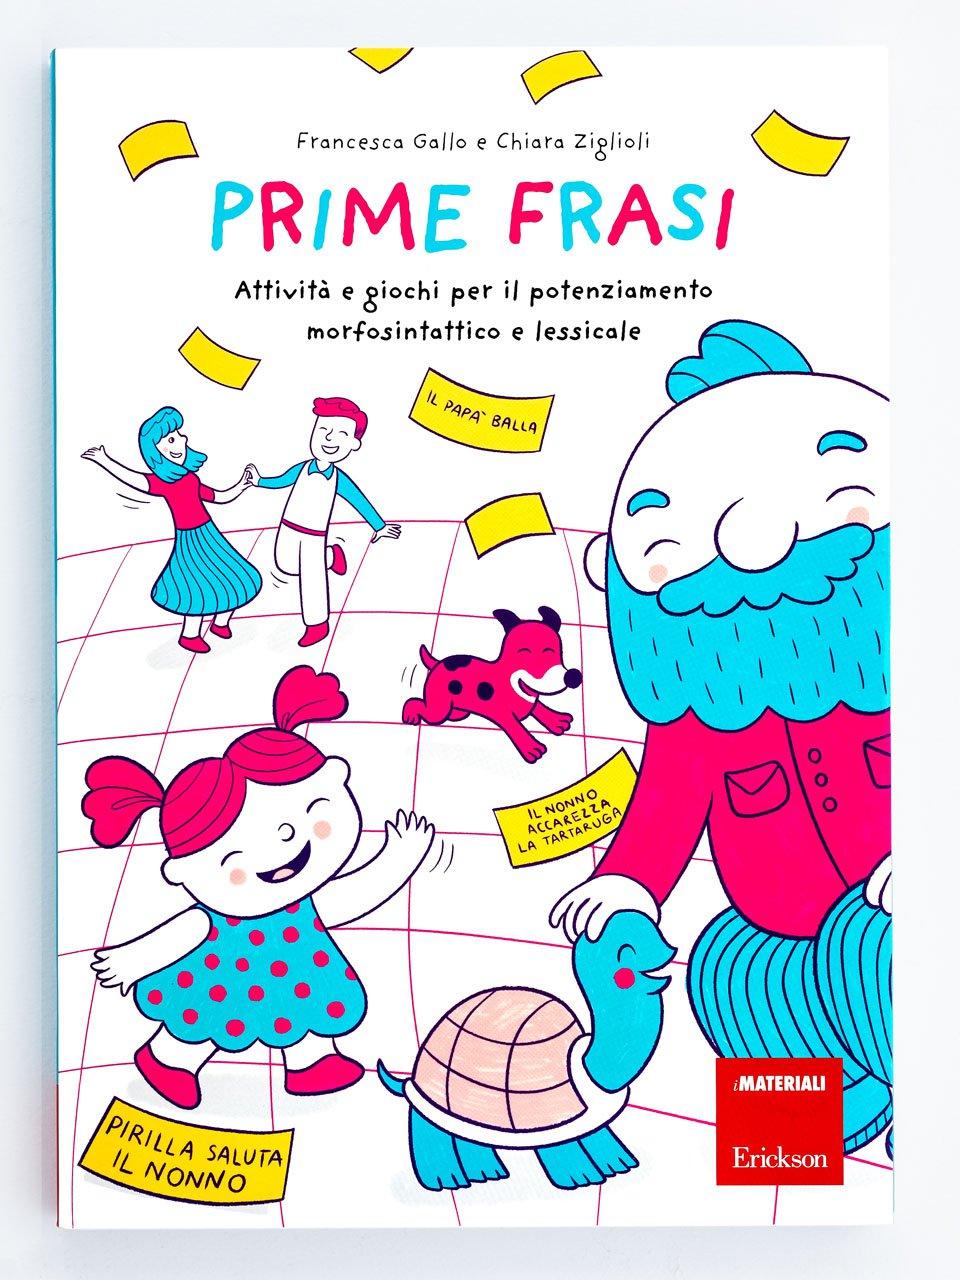 Prime frasi - Astuccio delle regole di italiano - Libri - Erickson